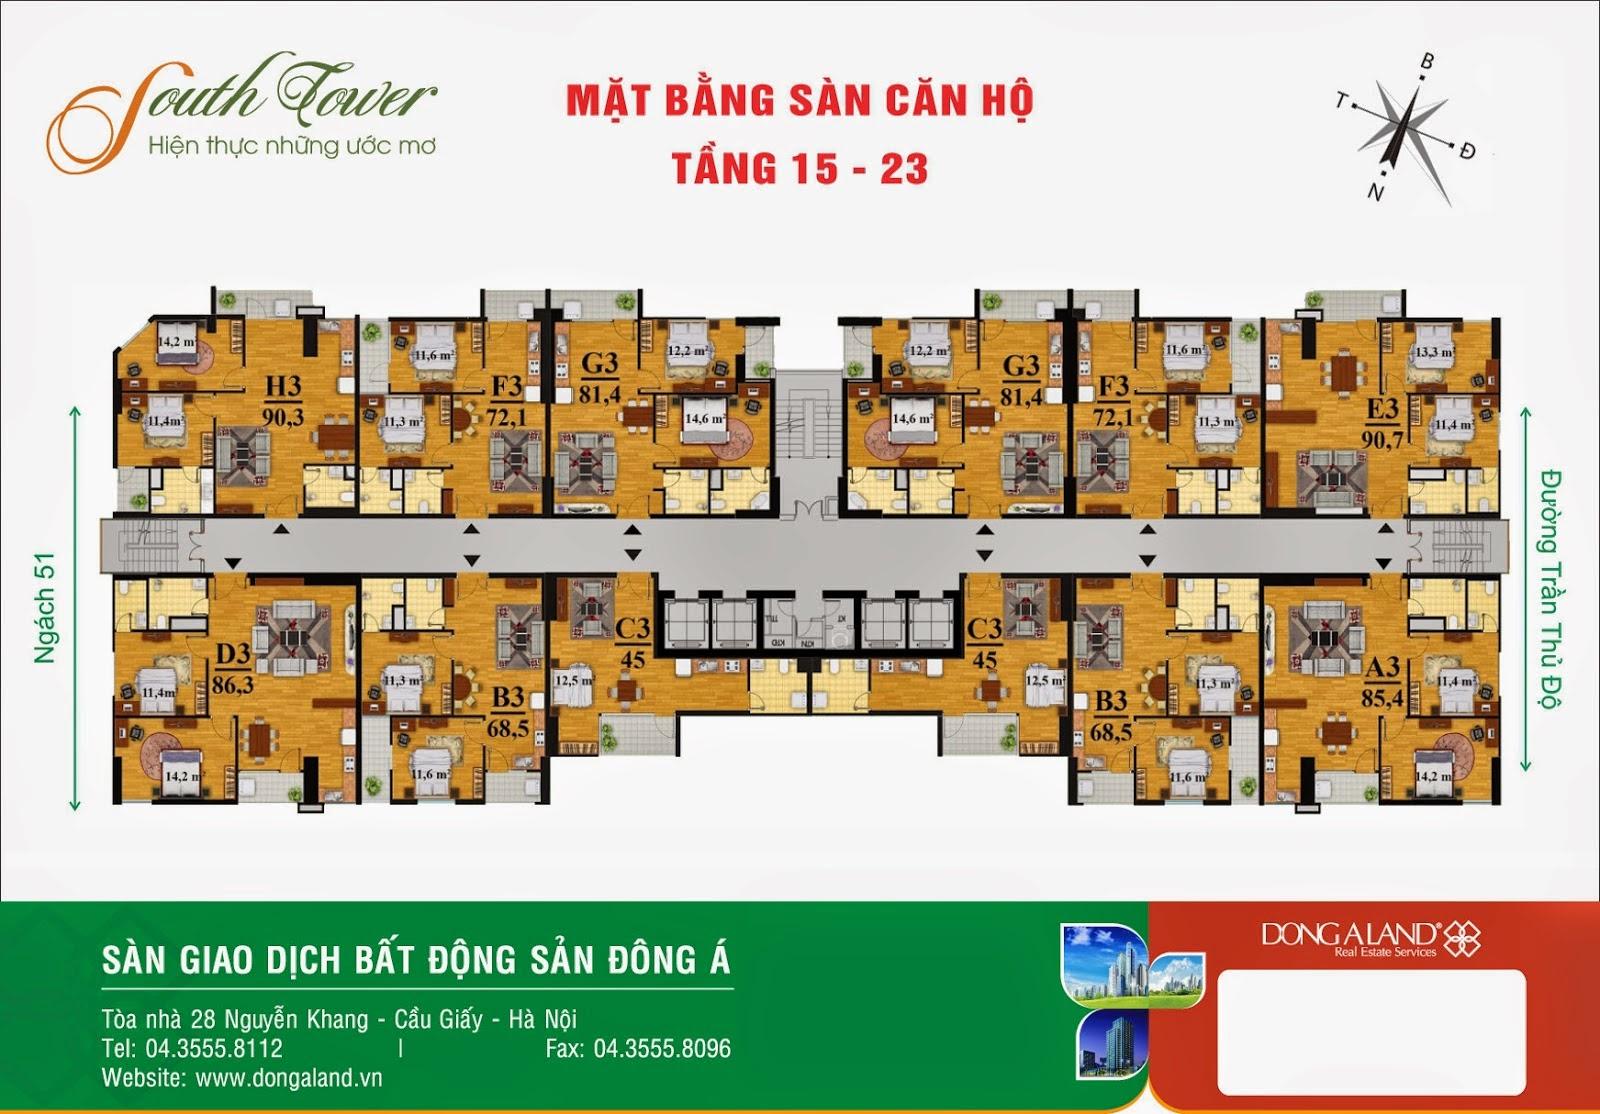 Mặt bằng chi tiết các căn hộ tầng 15 - 23 chung cư Hoàng Liệt